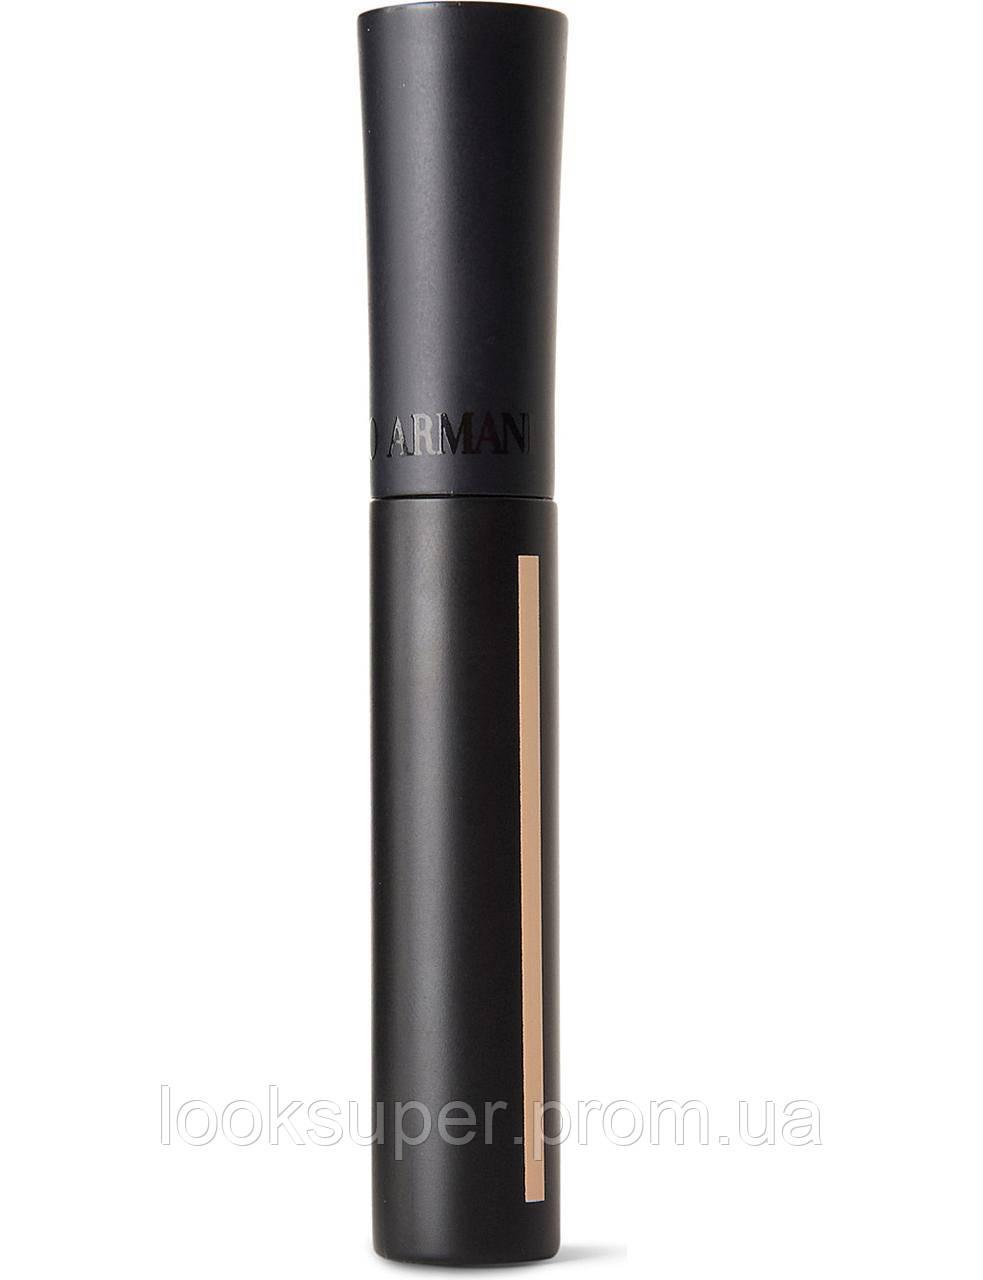 Консилер GIORGIO ARMANI High Precision Retouch concealer 4